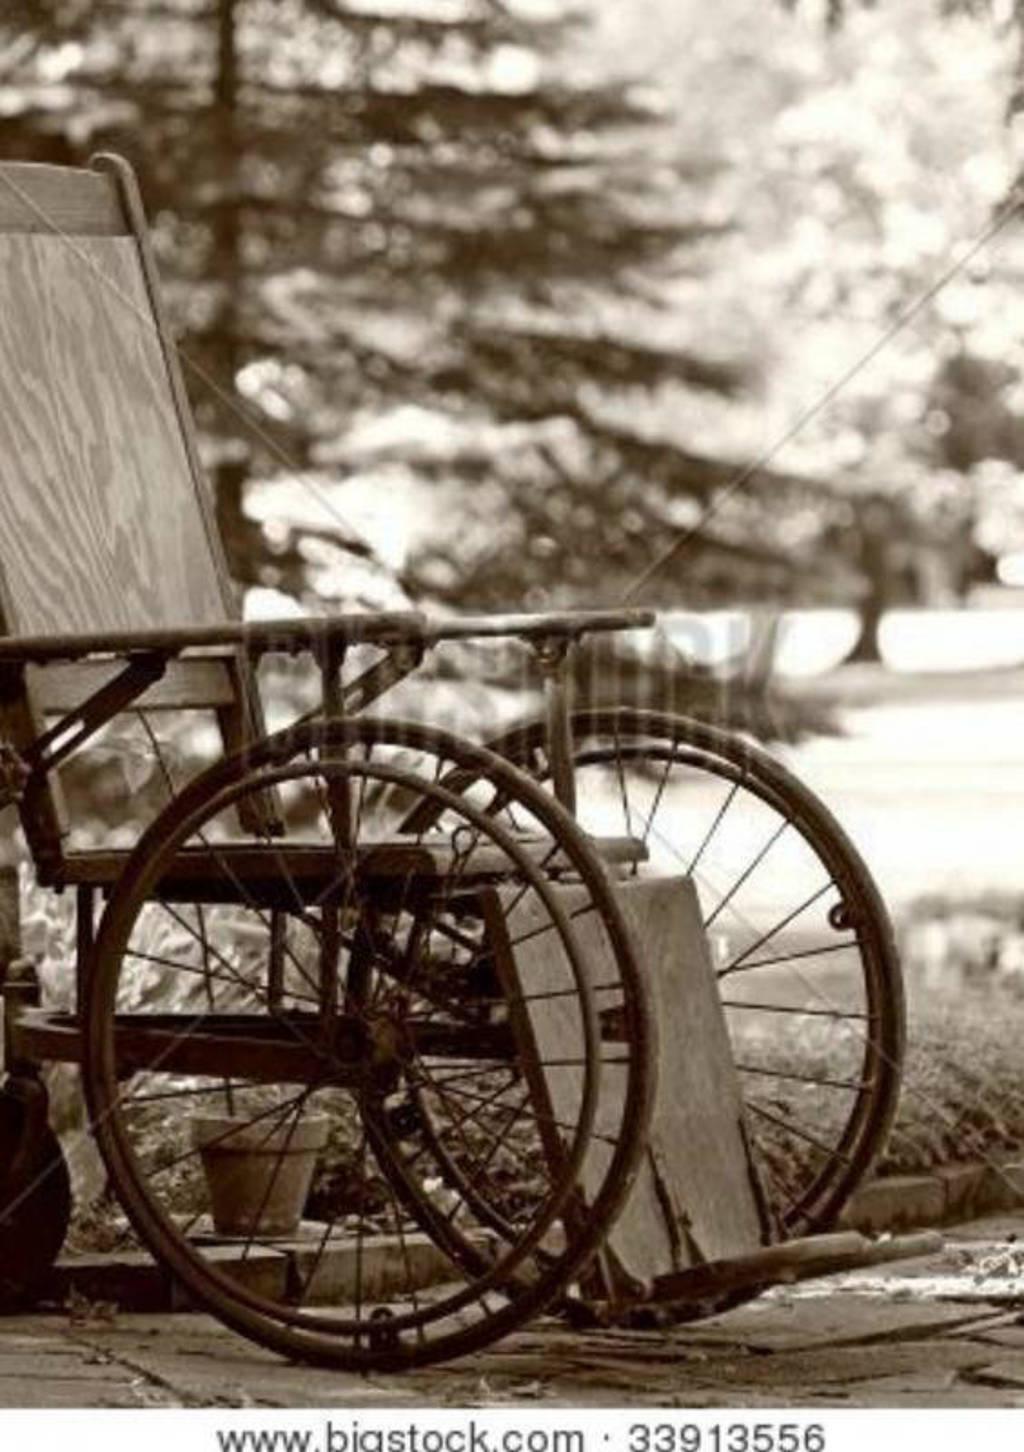 mensen schamen zich als iemand in een rolstoel zit - Ans van Kuijck Linders